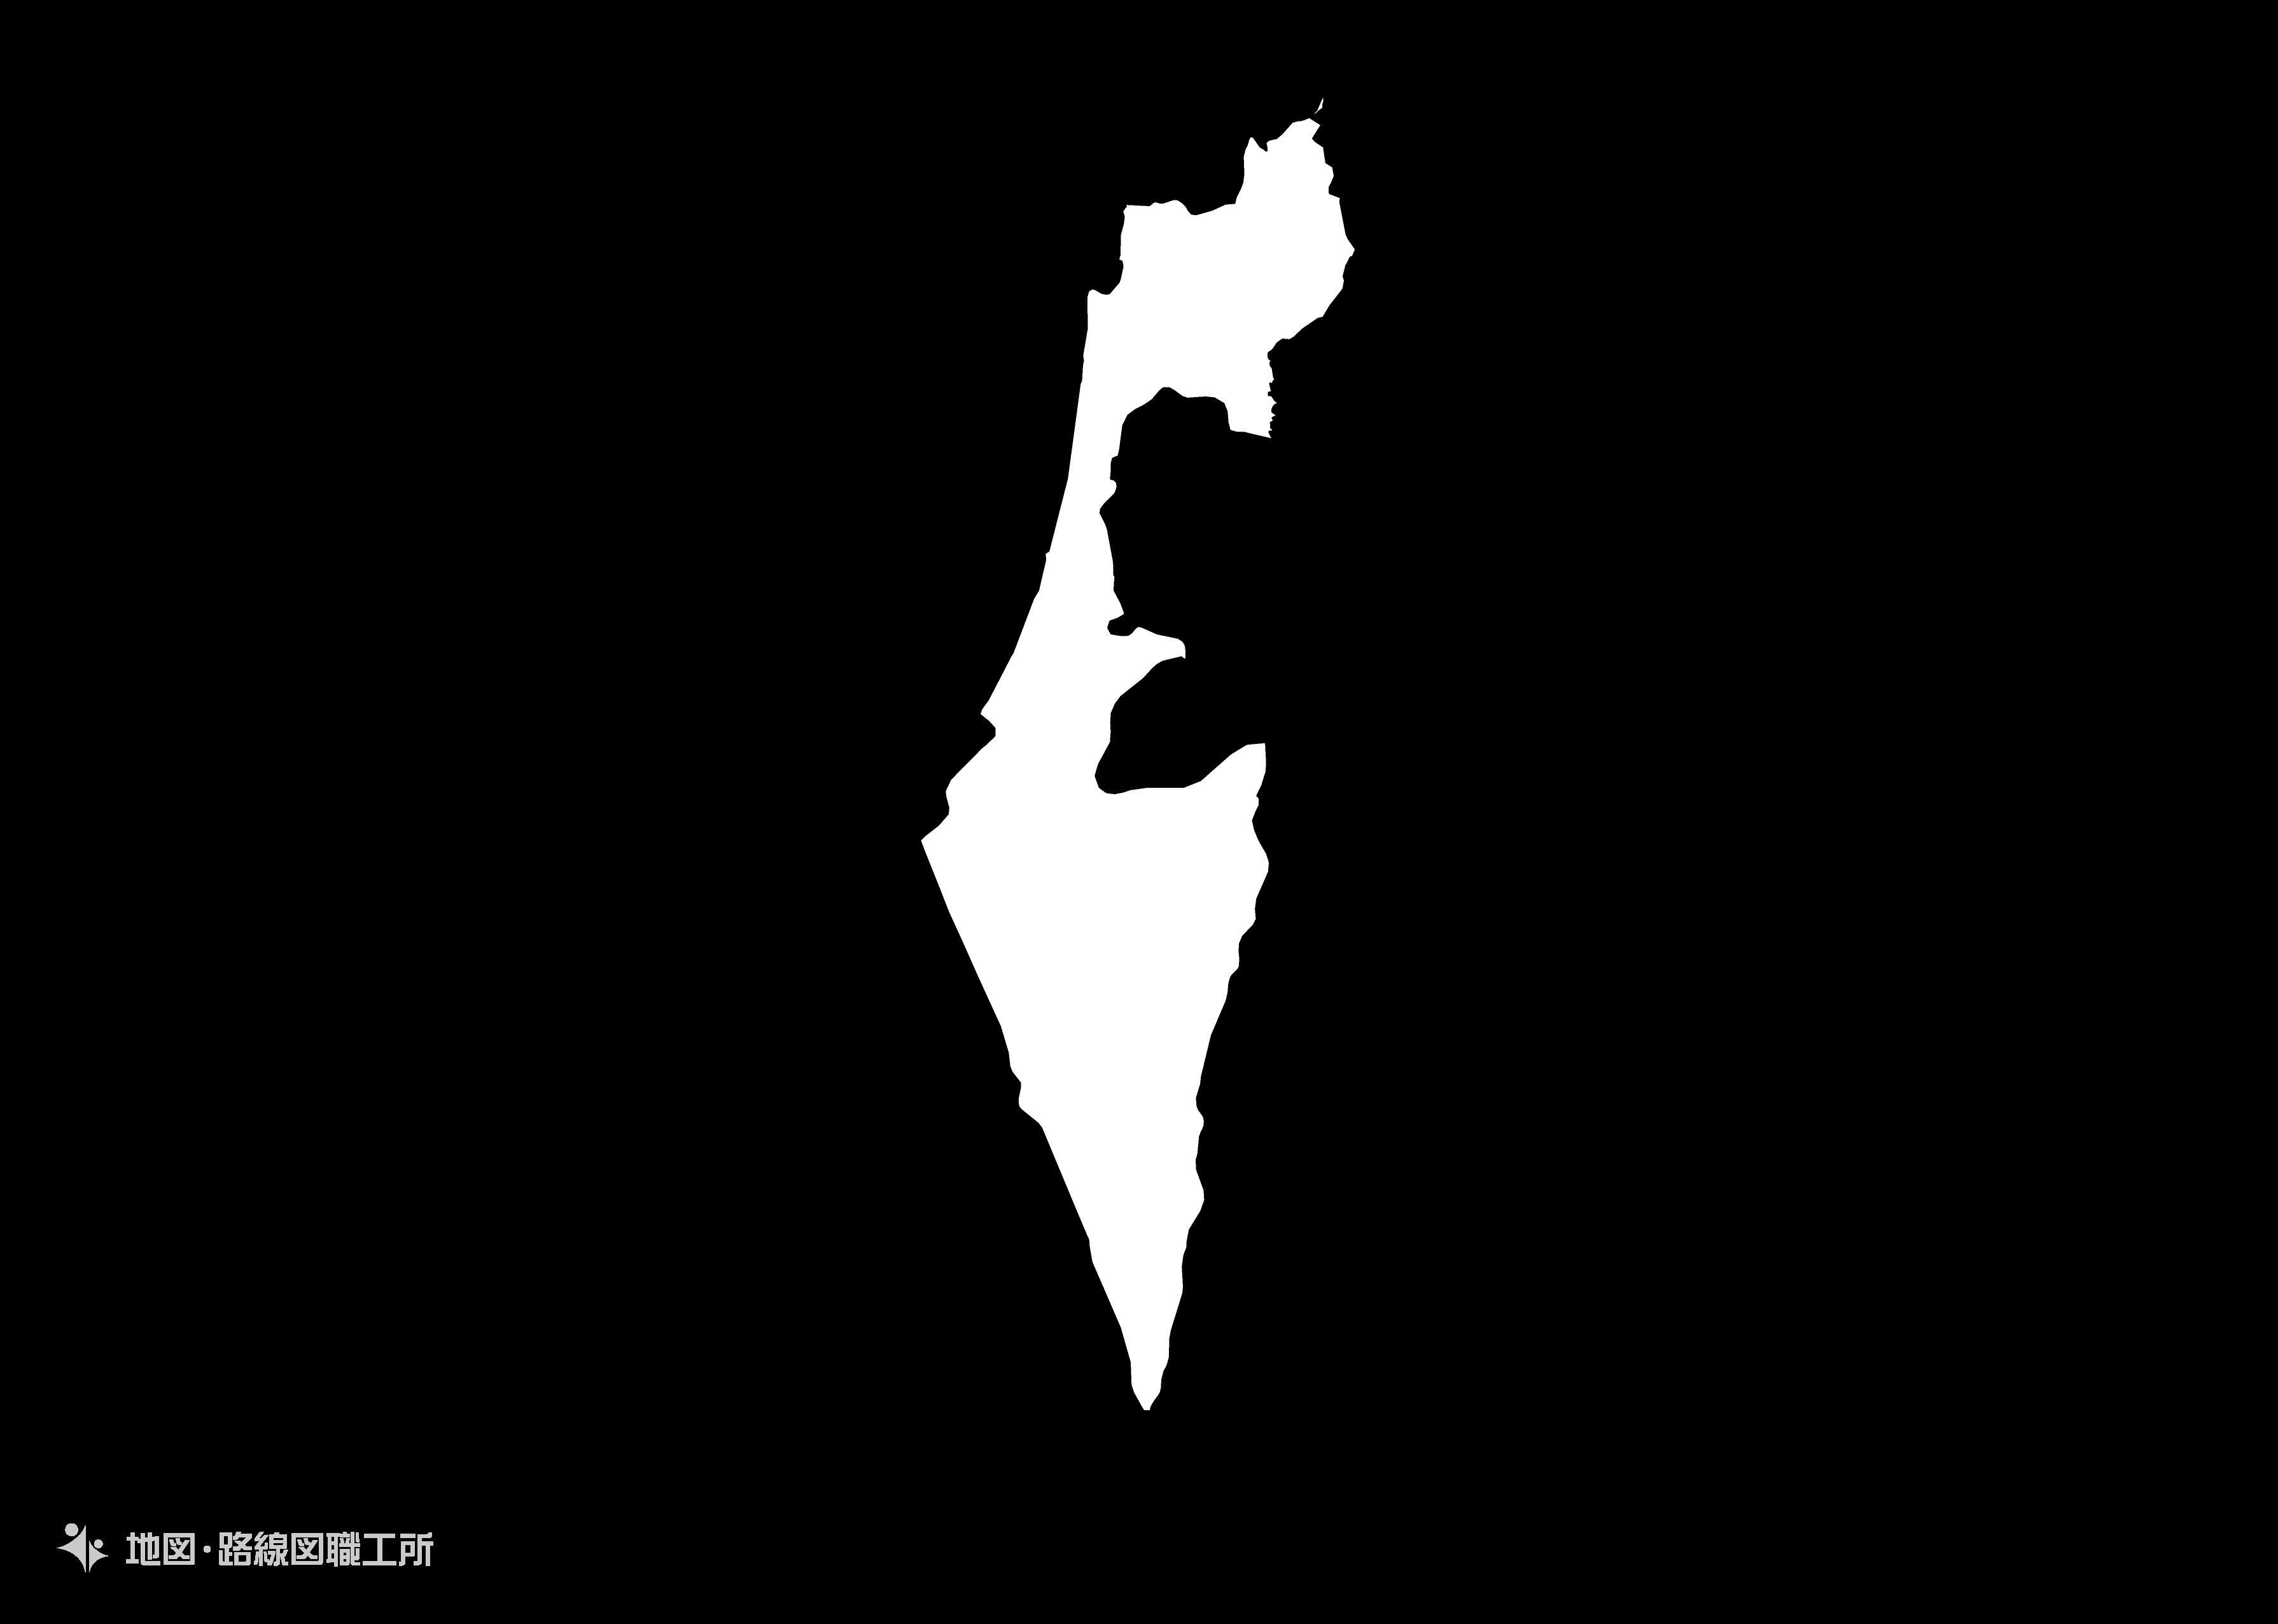 世界の白地図 イスラエル国 state-of-israel map